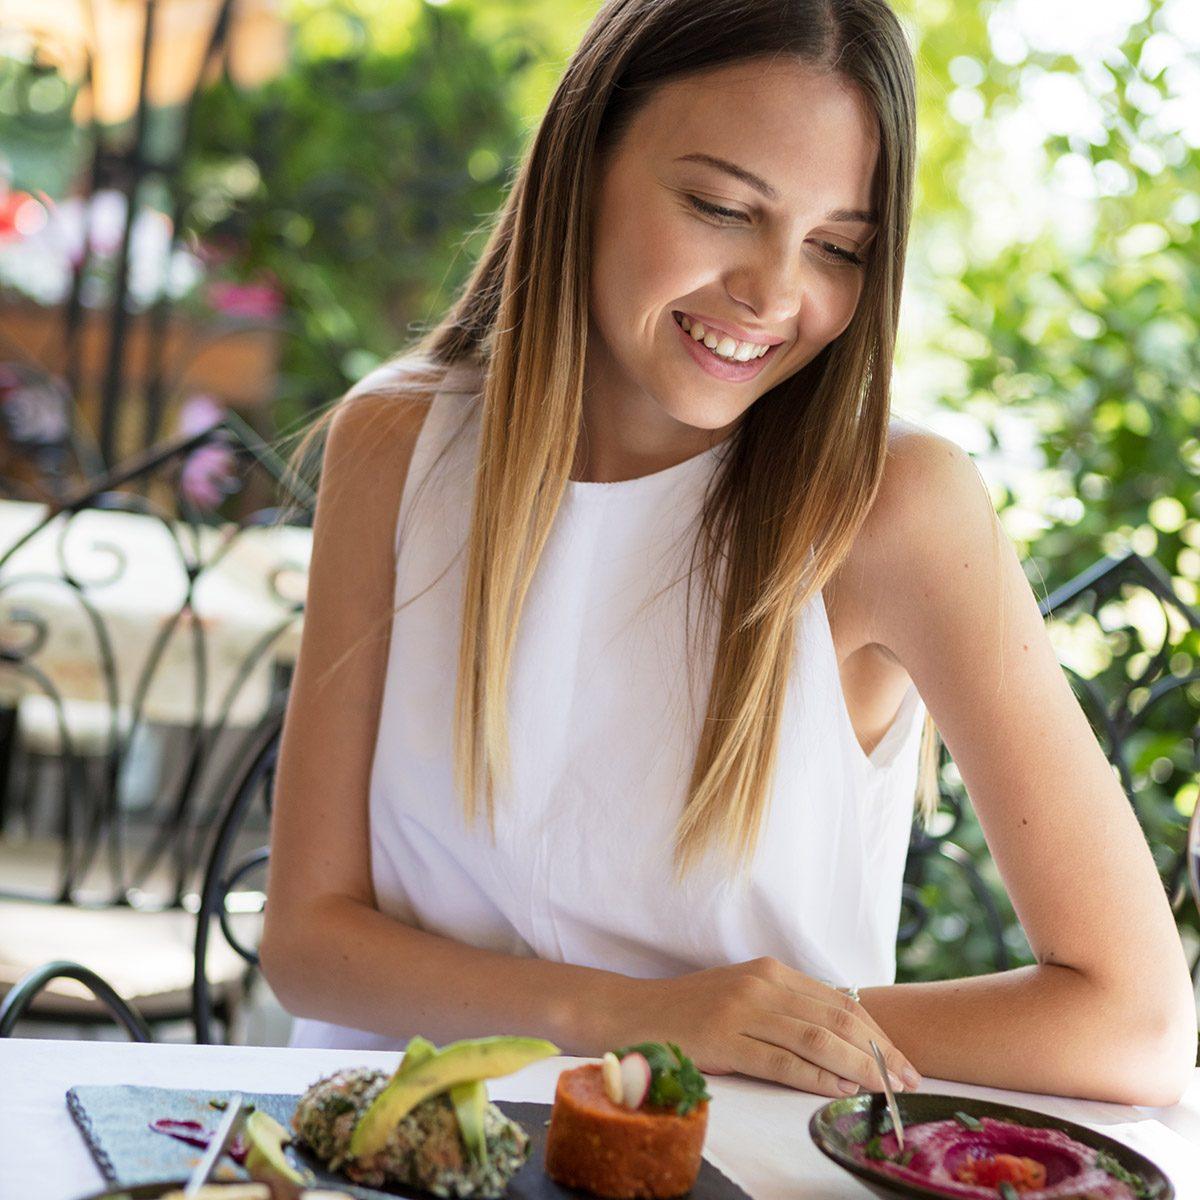 Woman in outdoor restaurant